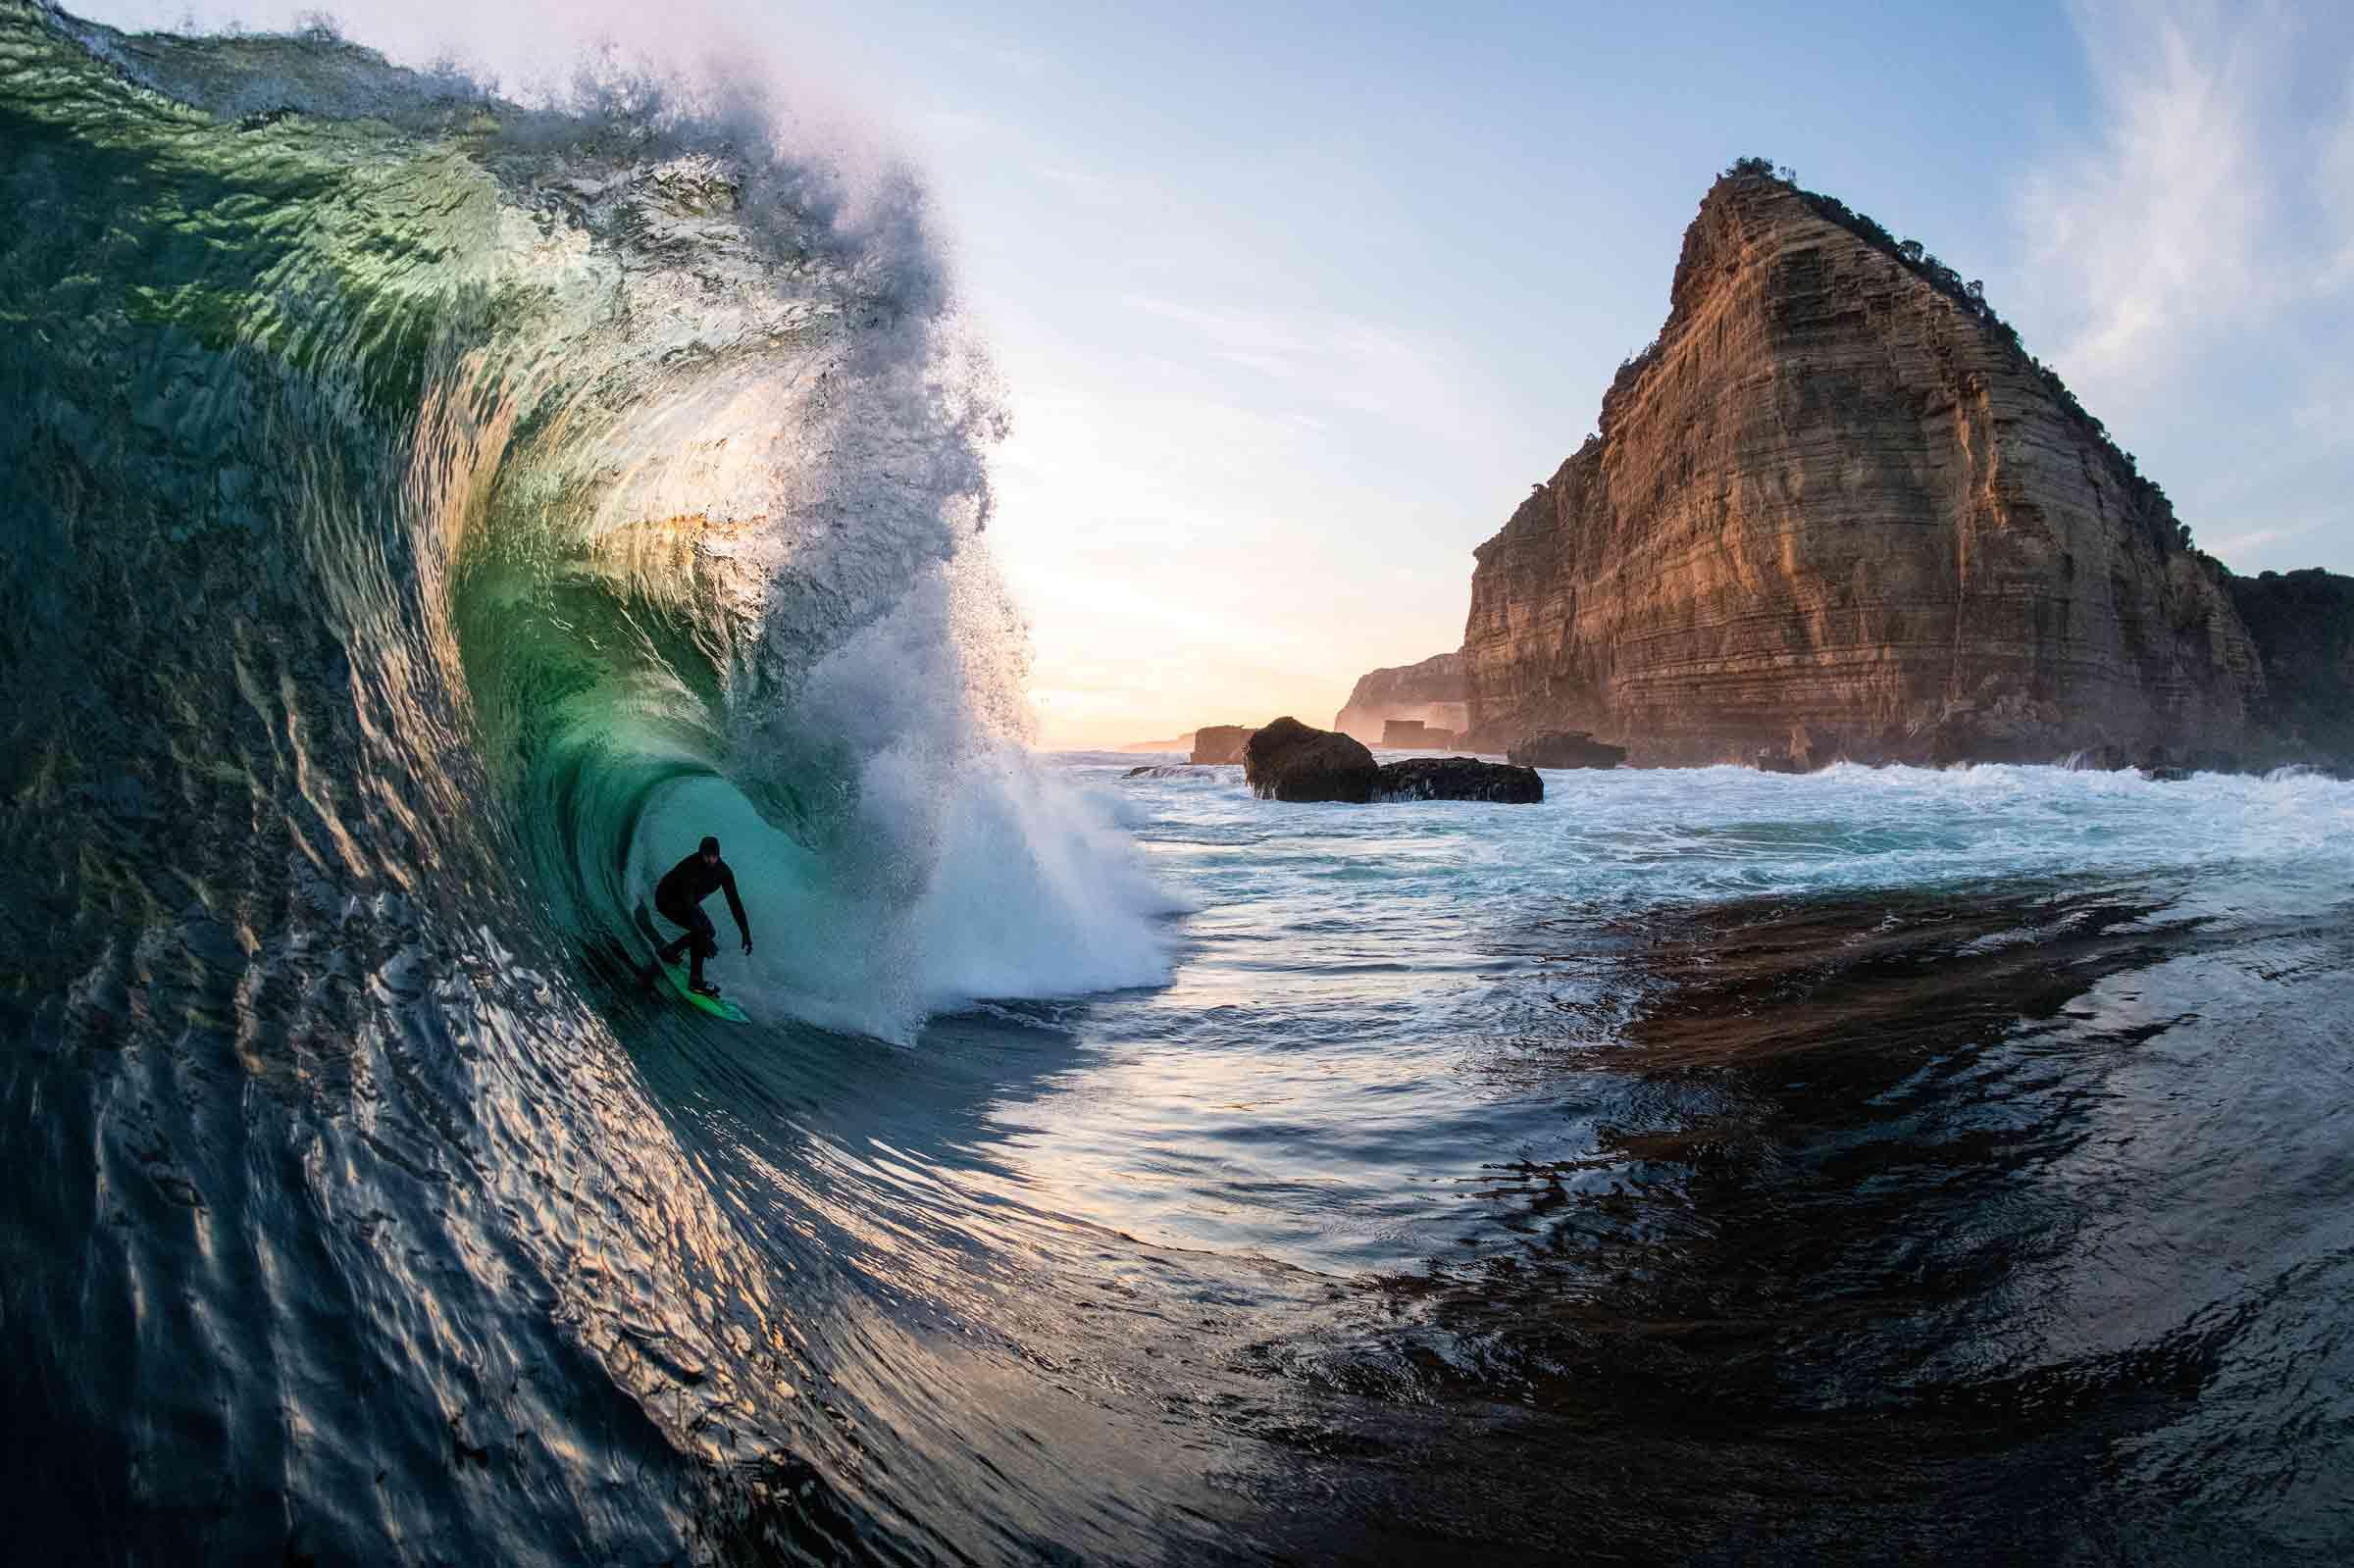 니콘 2020년 올해의 서핑 사진 결선에 오른 사진 20장